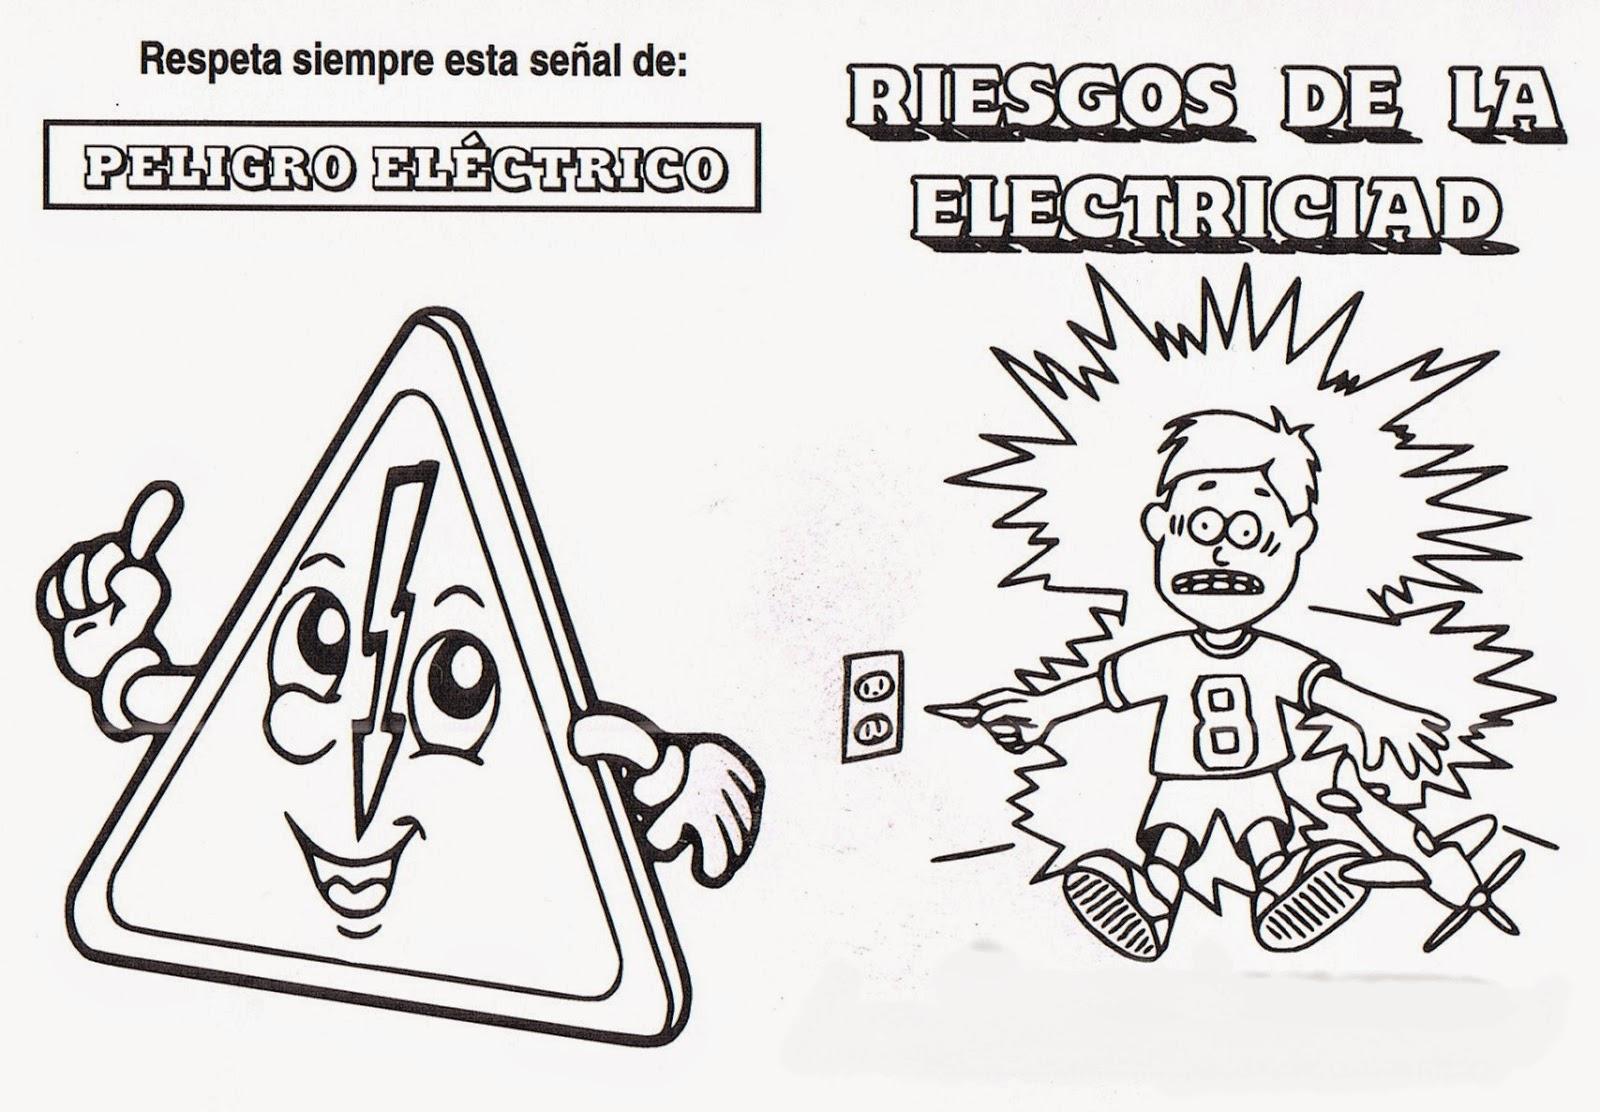 Manual del científico: Cuidado con la electricidad